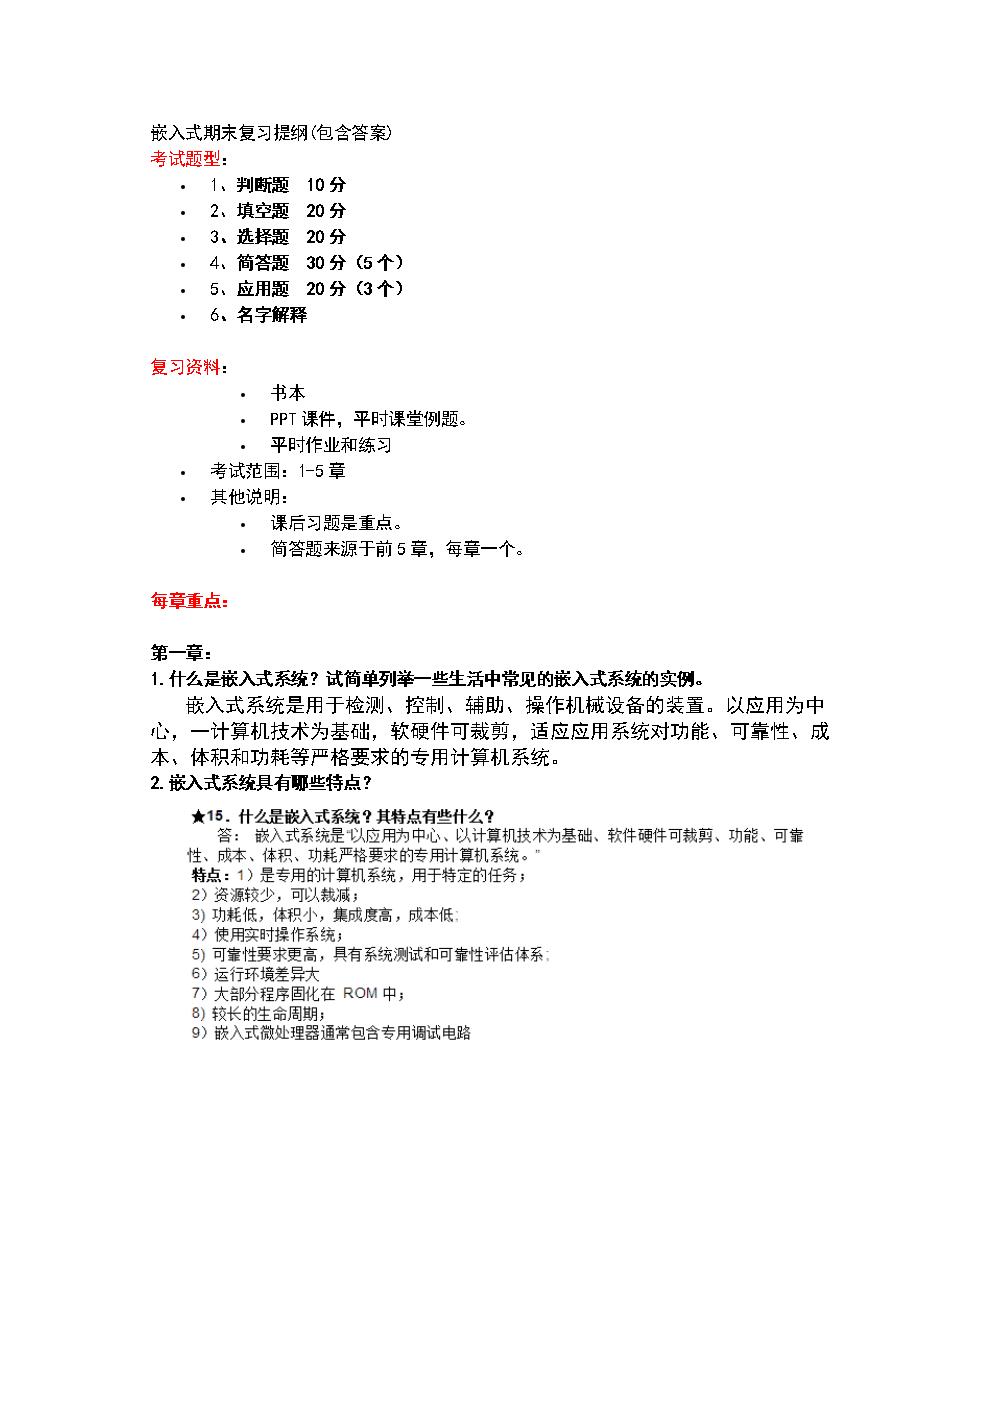 嵌入式期末复习提纲.docx